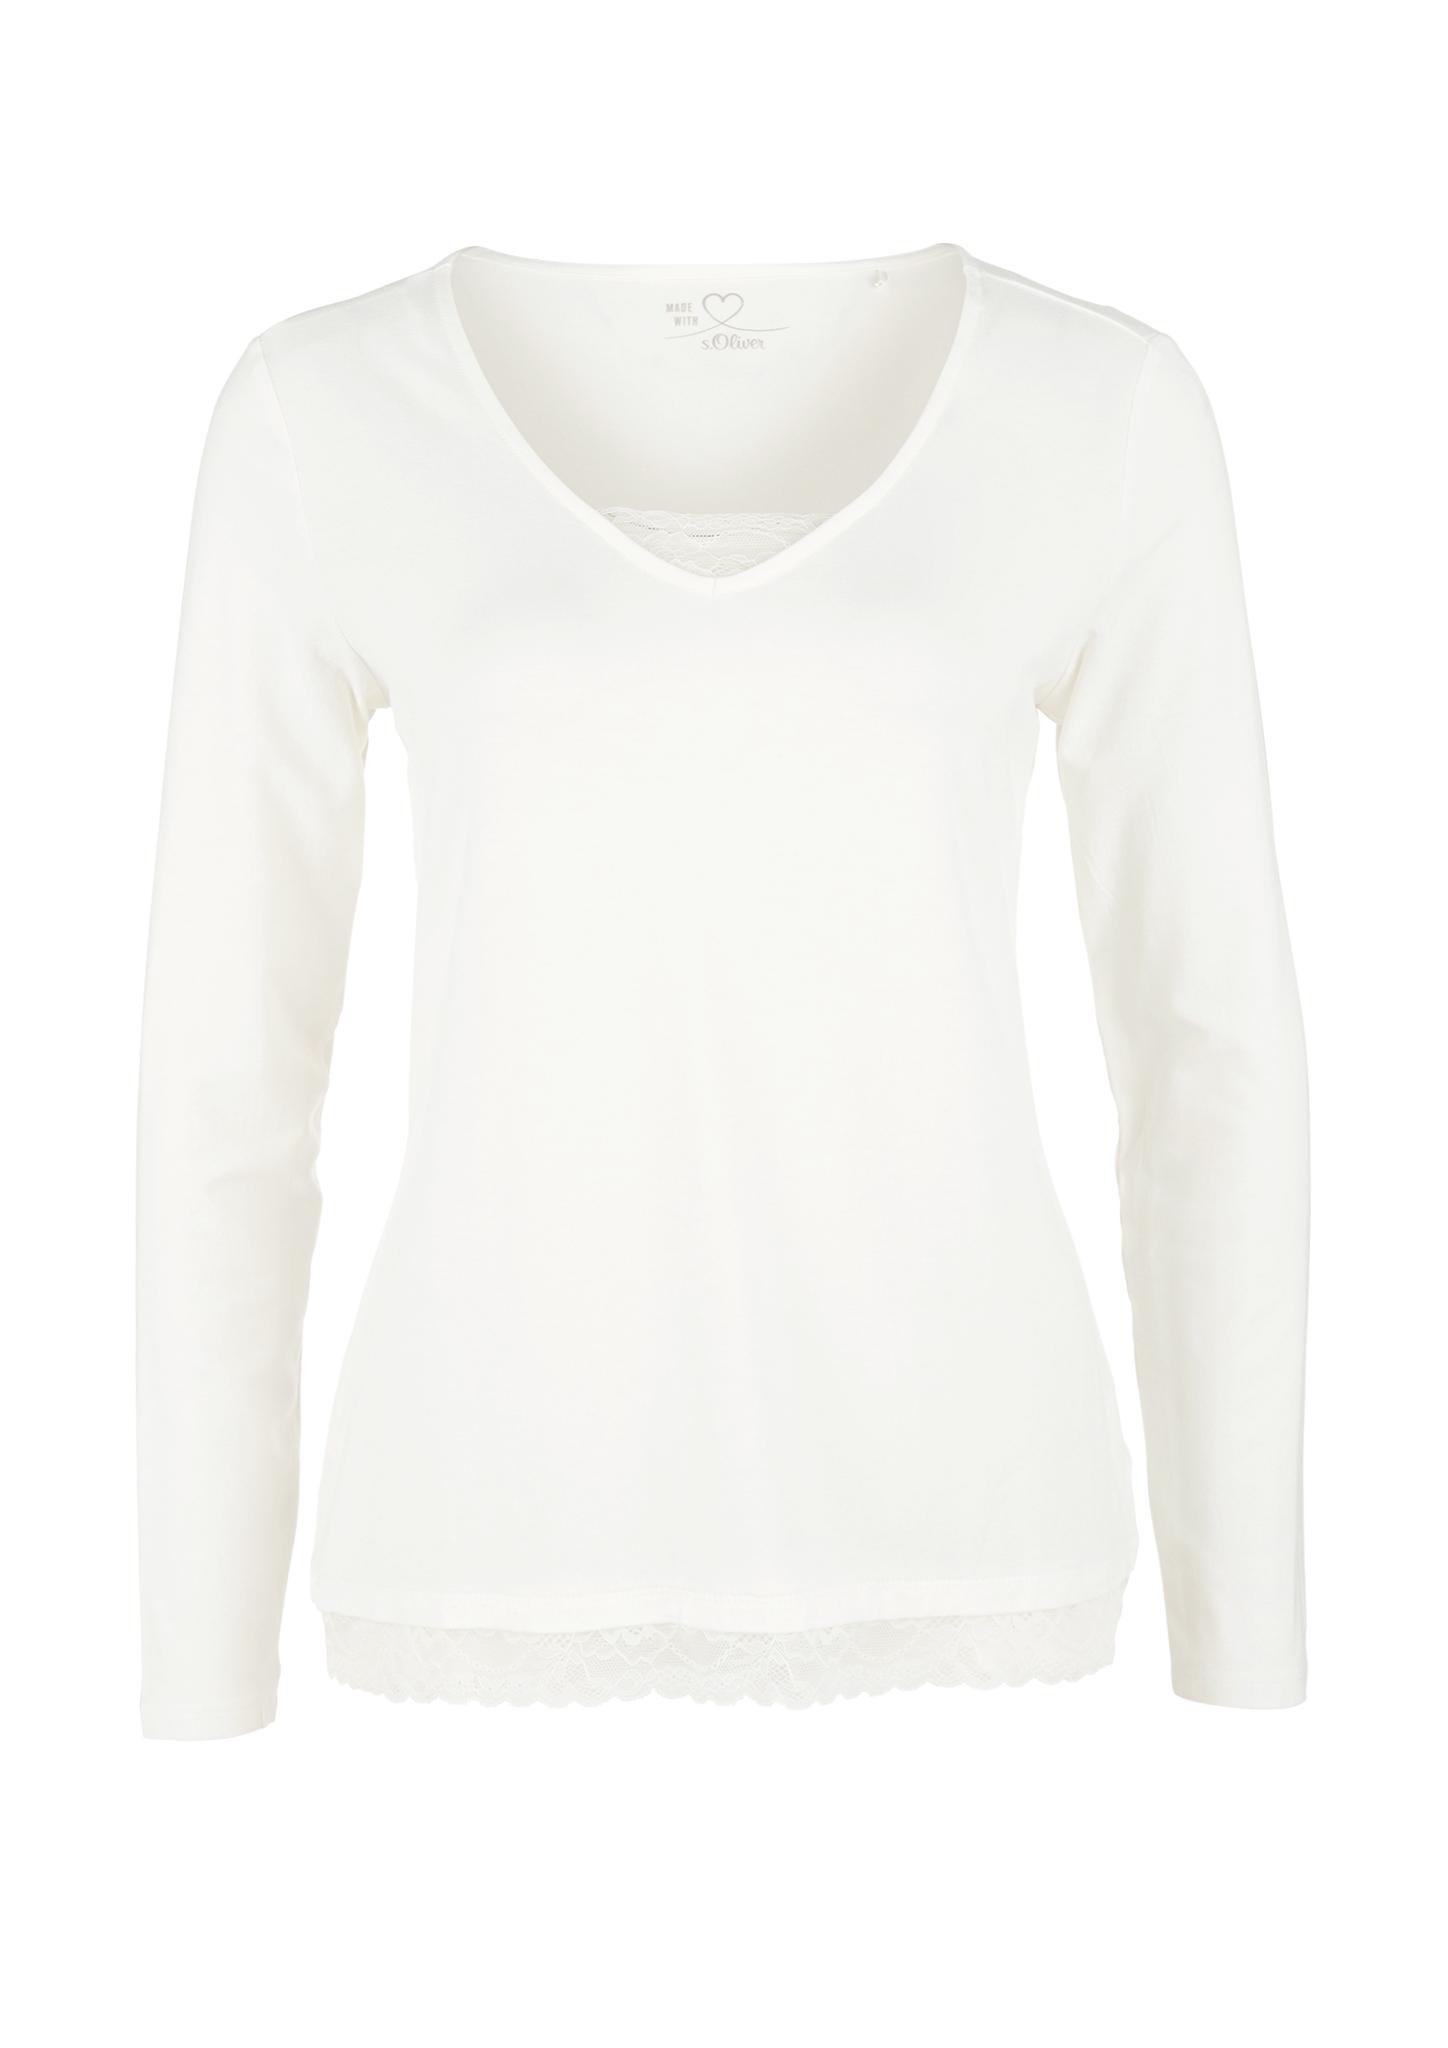 Spitzenshirt | Bekleidung > Shirts > Spitzenshirts | Weiß | 95% viskose -  5% elasthan | s.Oliver